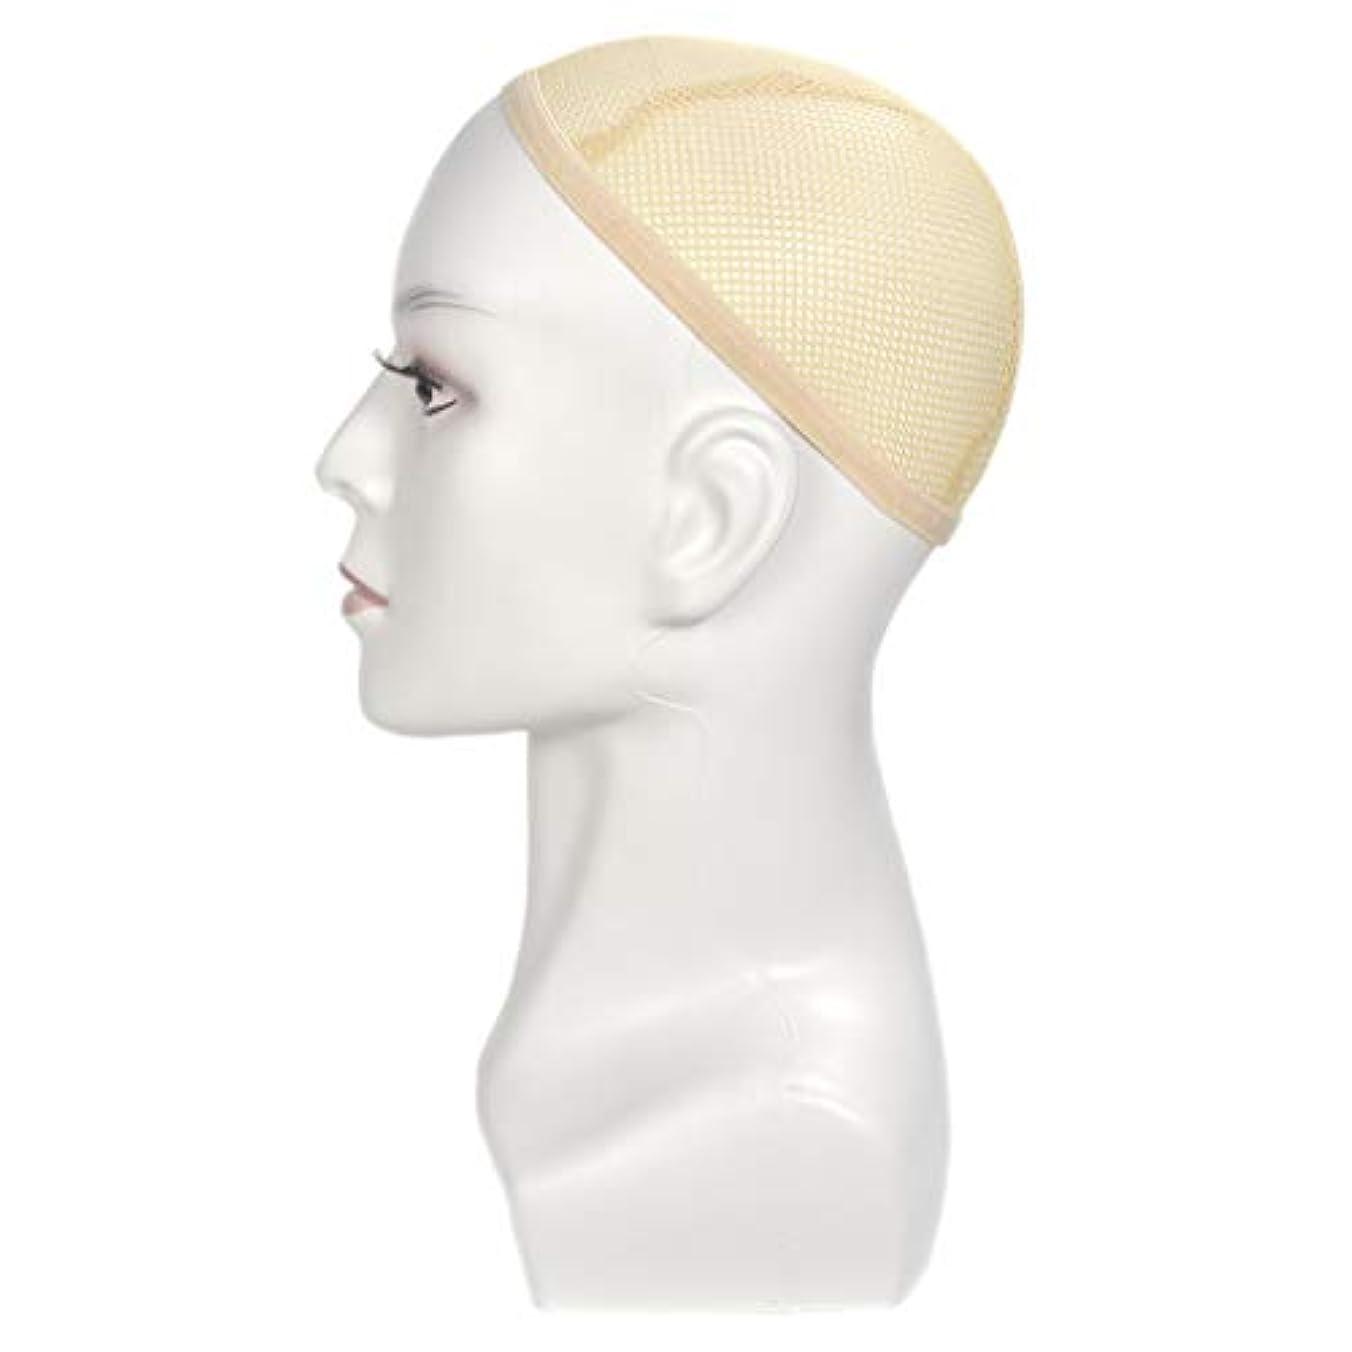 開いた因子矛盾ウィッグ用マネキンヘッドディスプレイスタイリング理髪トレーニングヘッド13.8インチ-色の選択 - 白